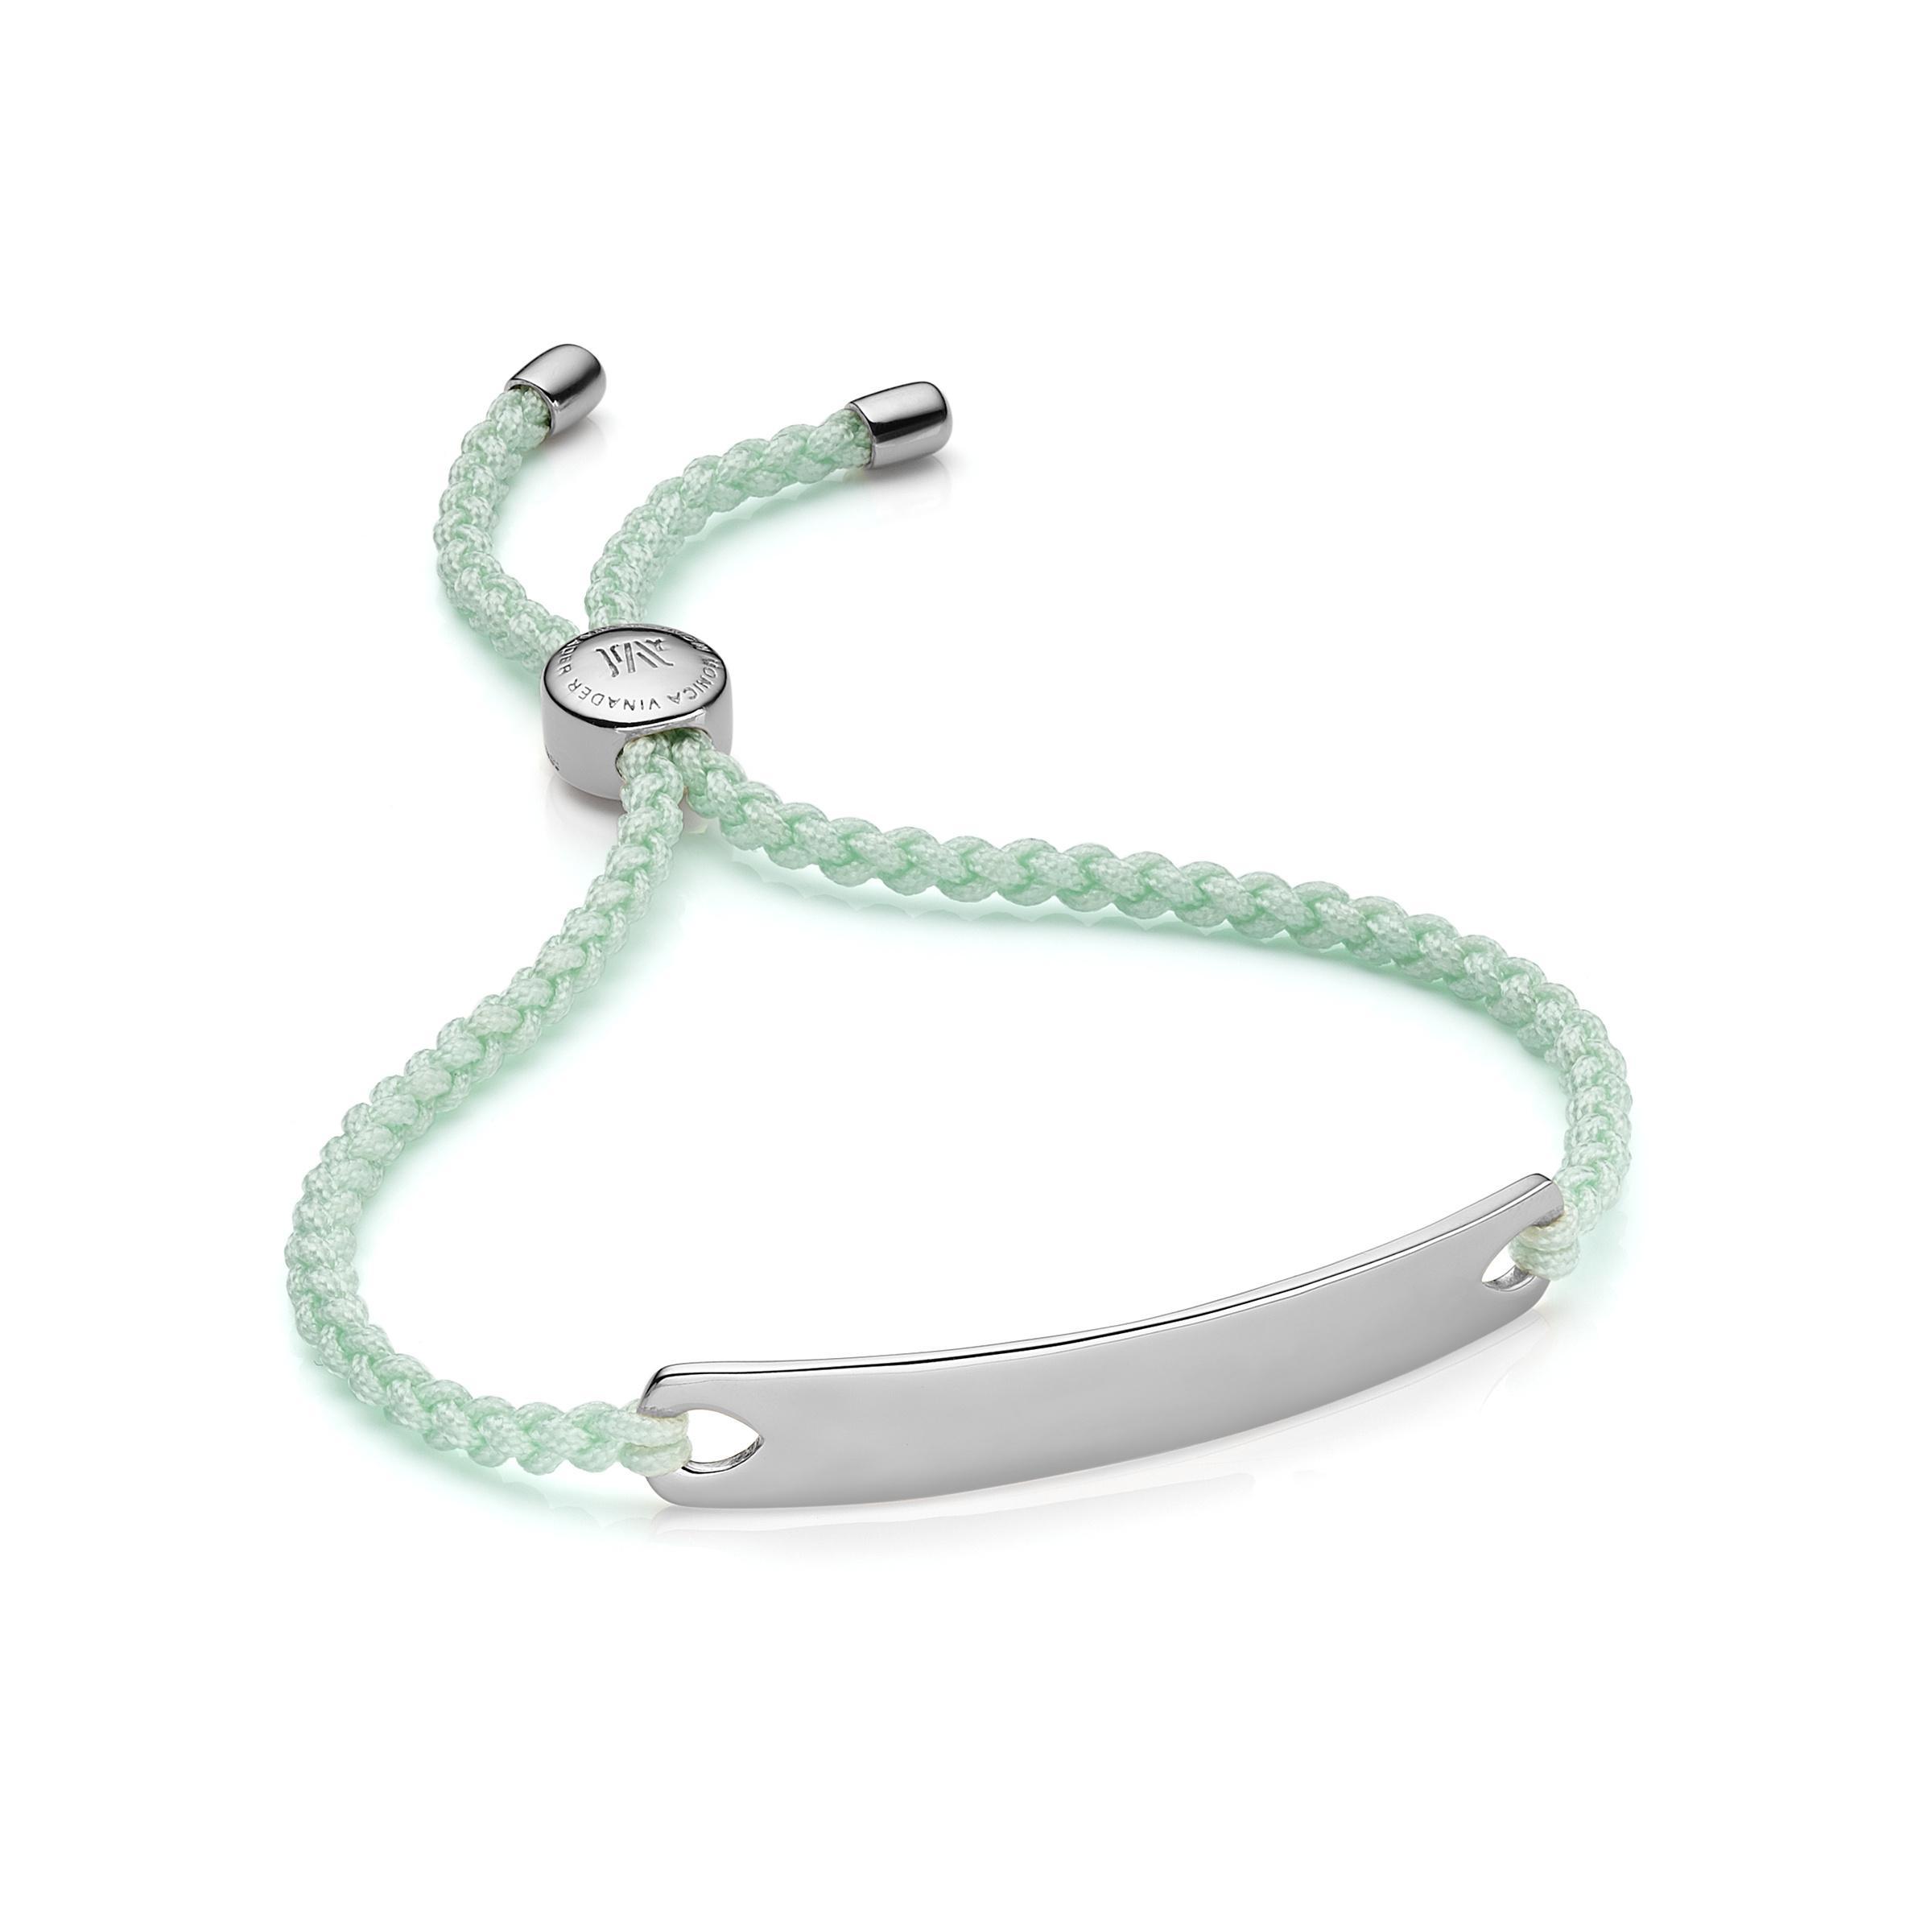 Havana Friendship Bracelet- Silver, Sterling Silver Monica Vinader